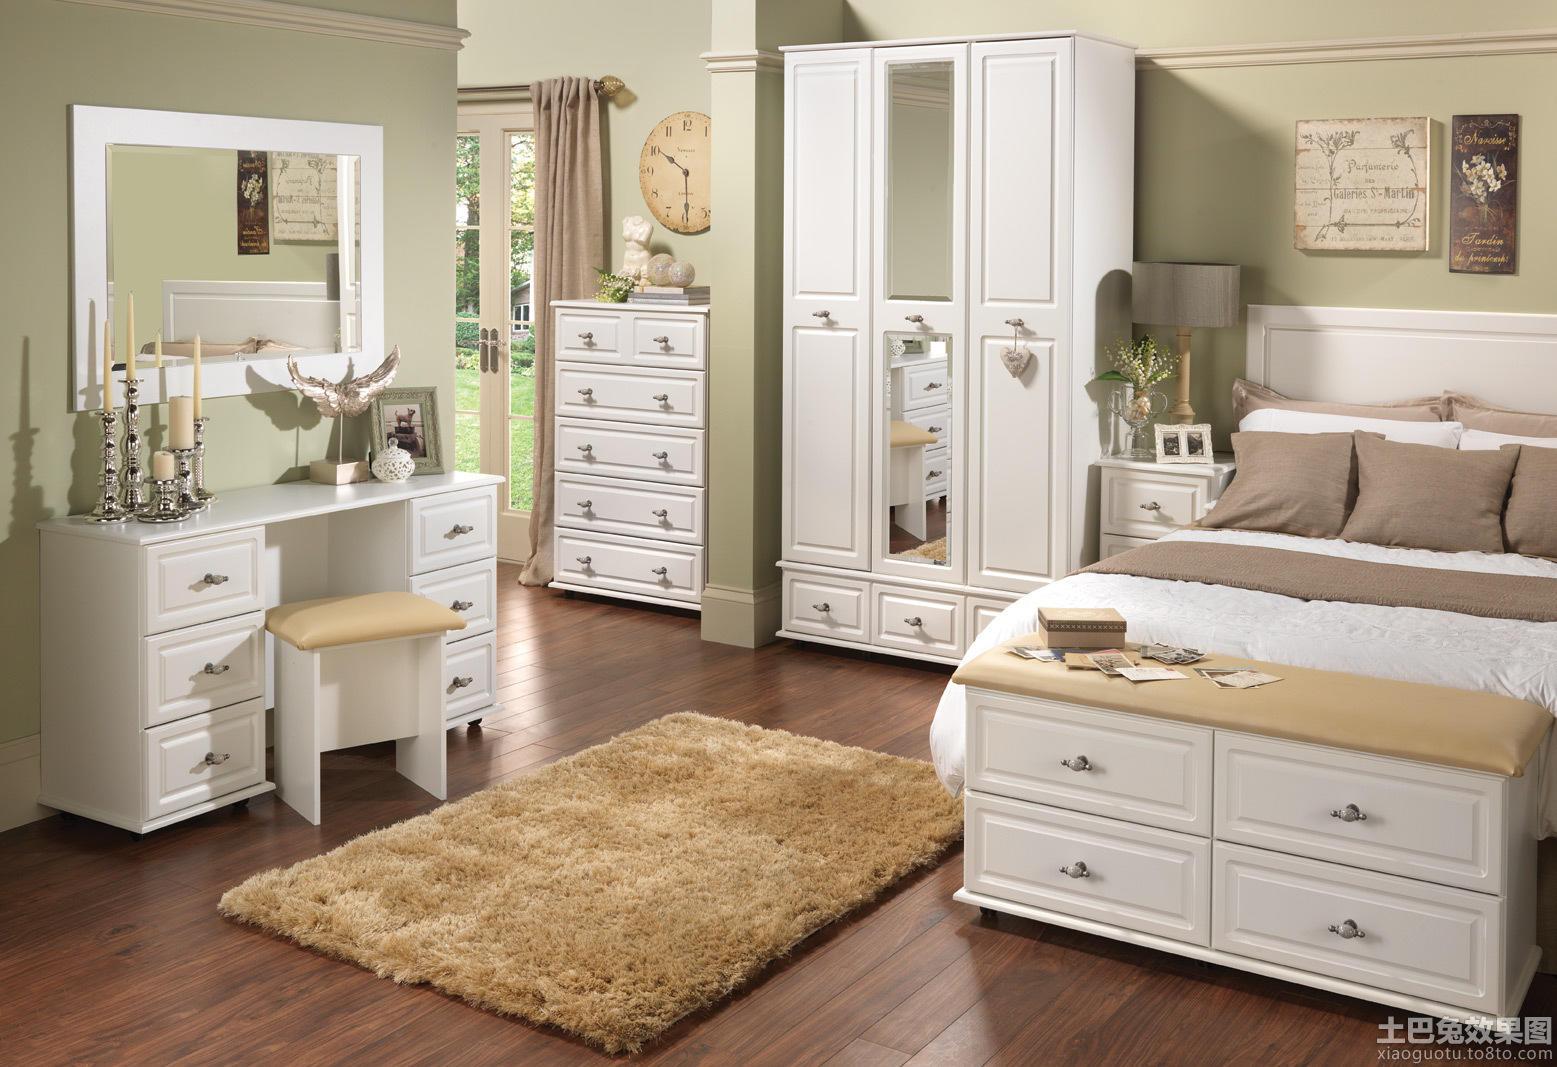 卧室简欧式白色家具图片装修效果图图片